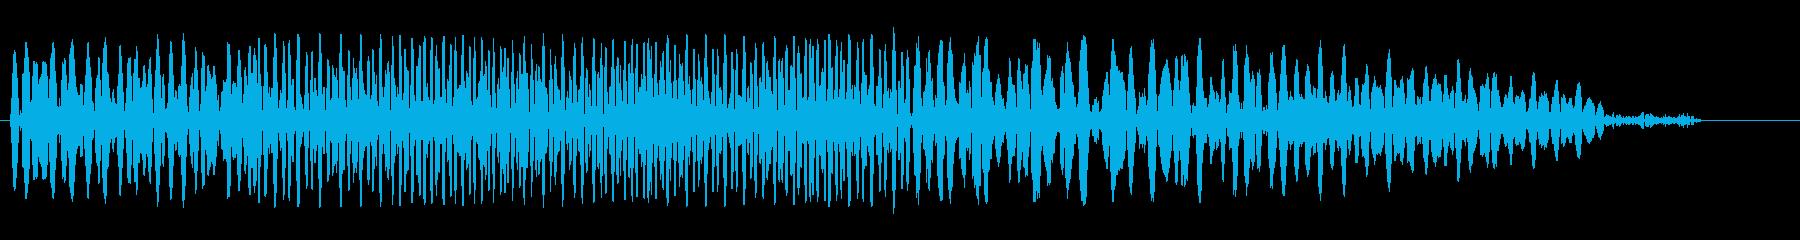 ゲートが開く音(低い)の再生済みの波形